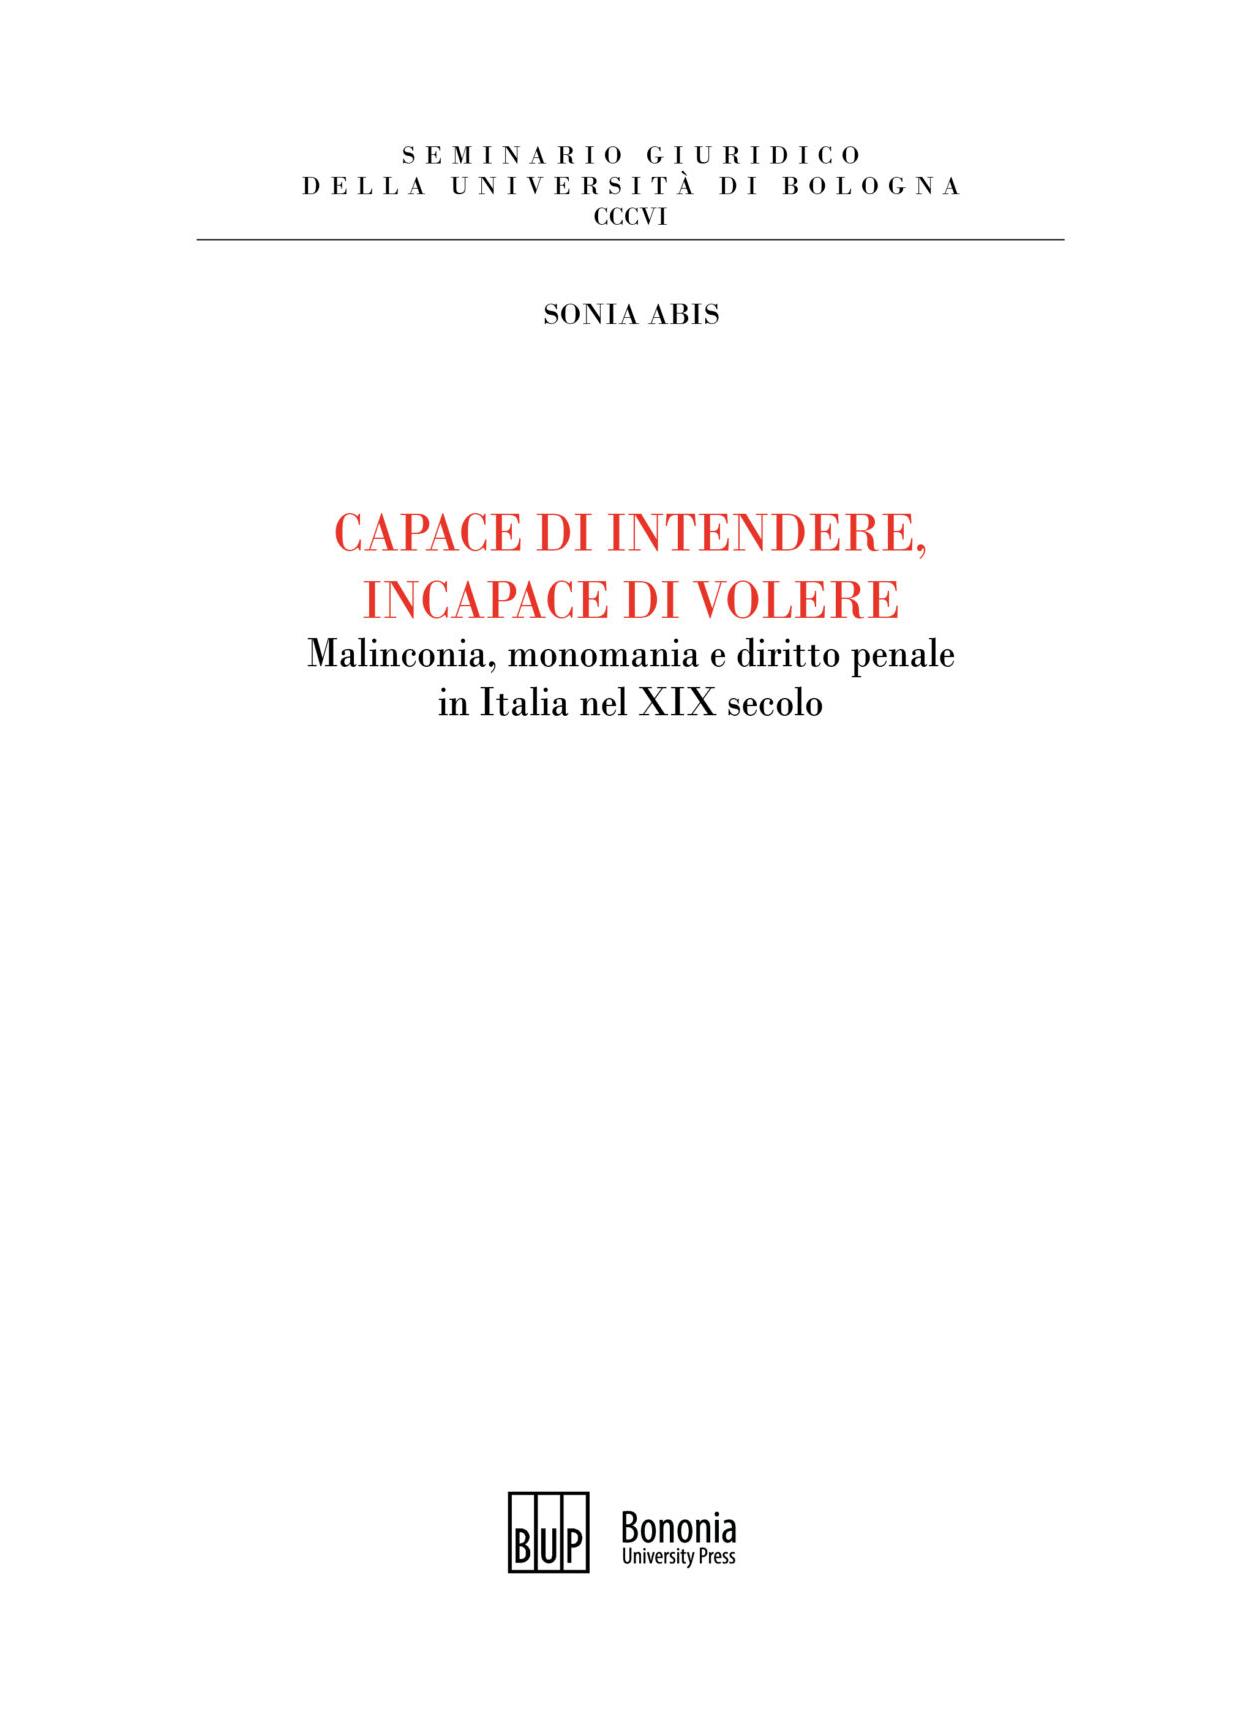 Capace di intendere, incapace di volere - Bononia University Press